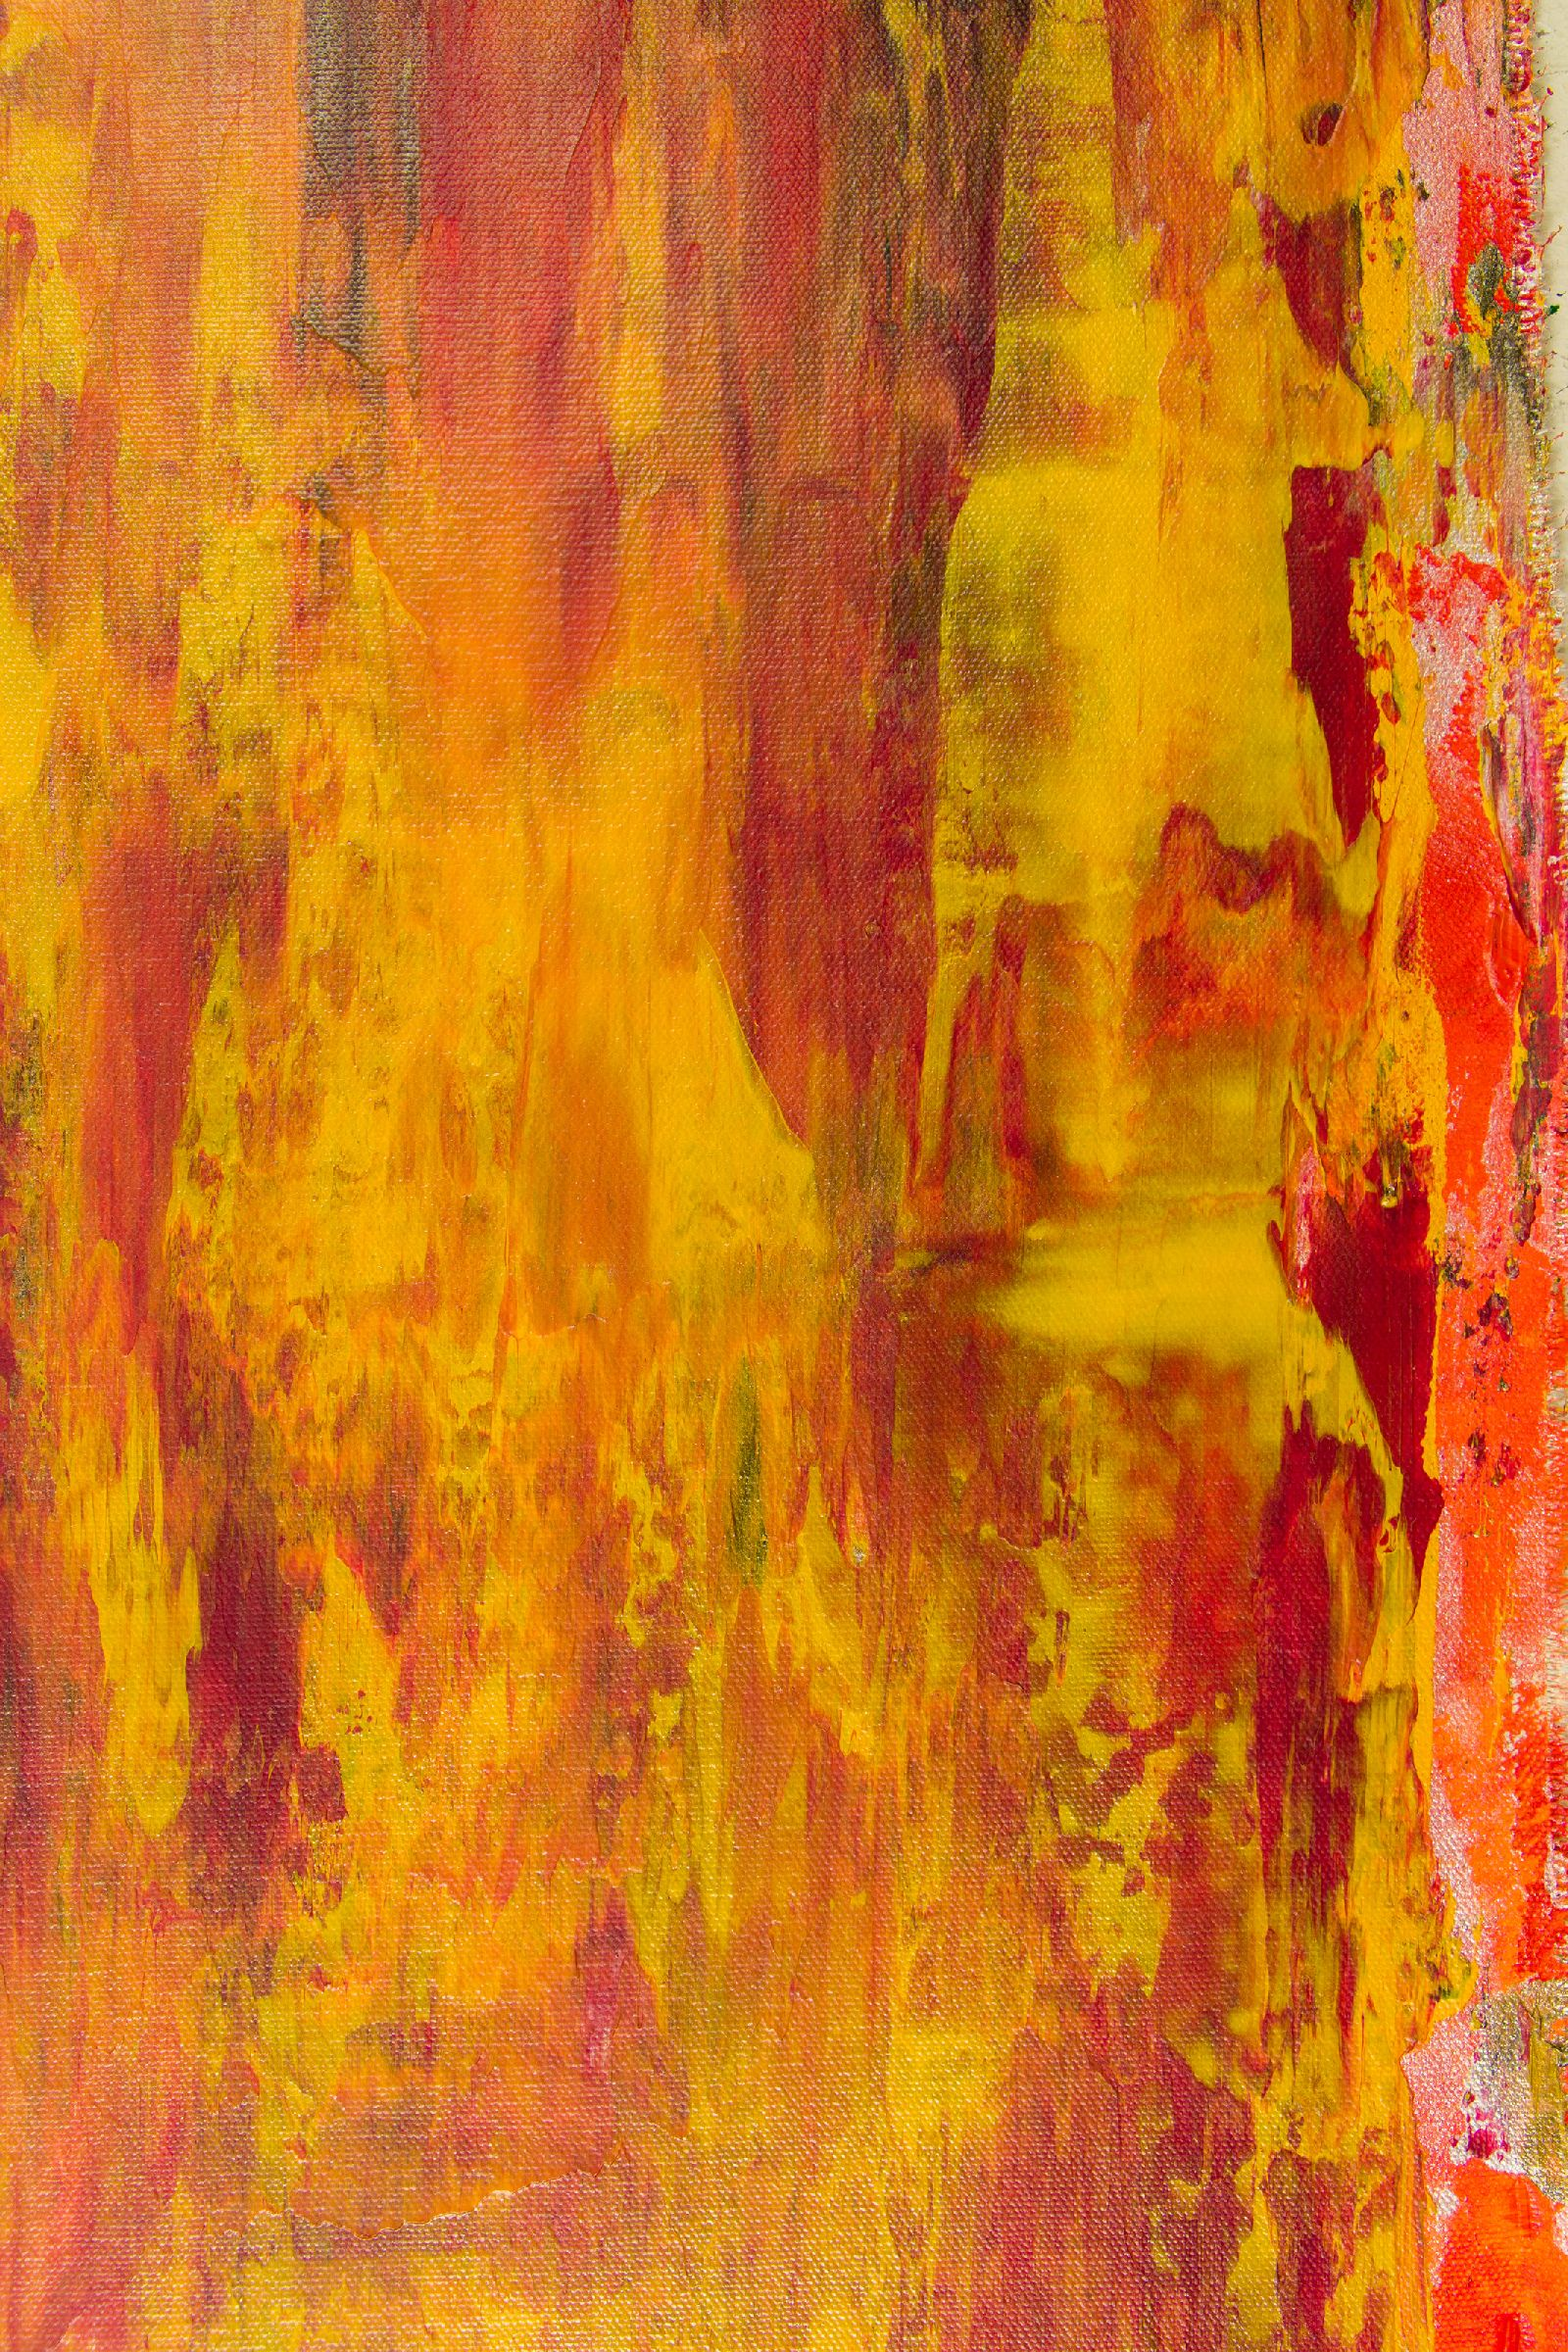 Fiery Dimensions 2 (2020) by Nestor Toro